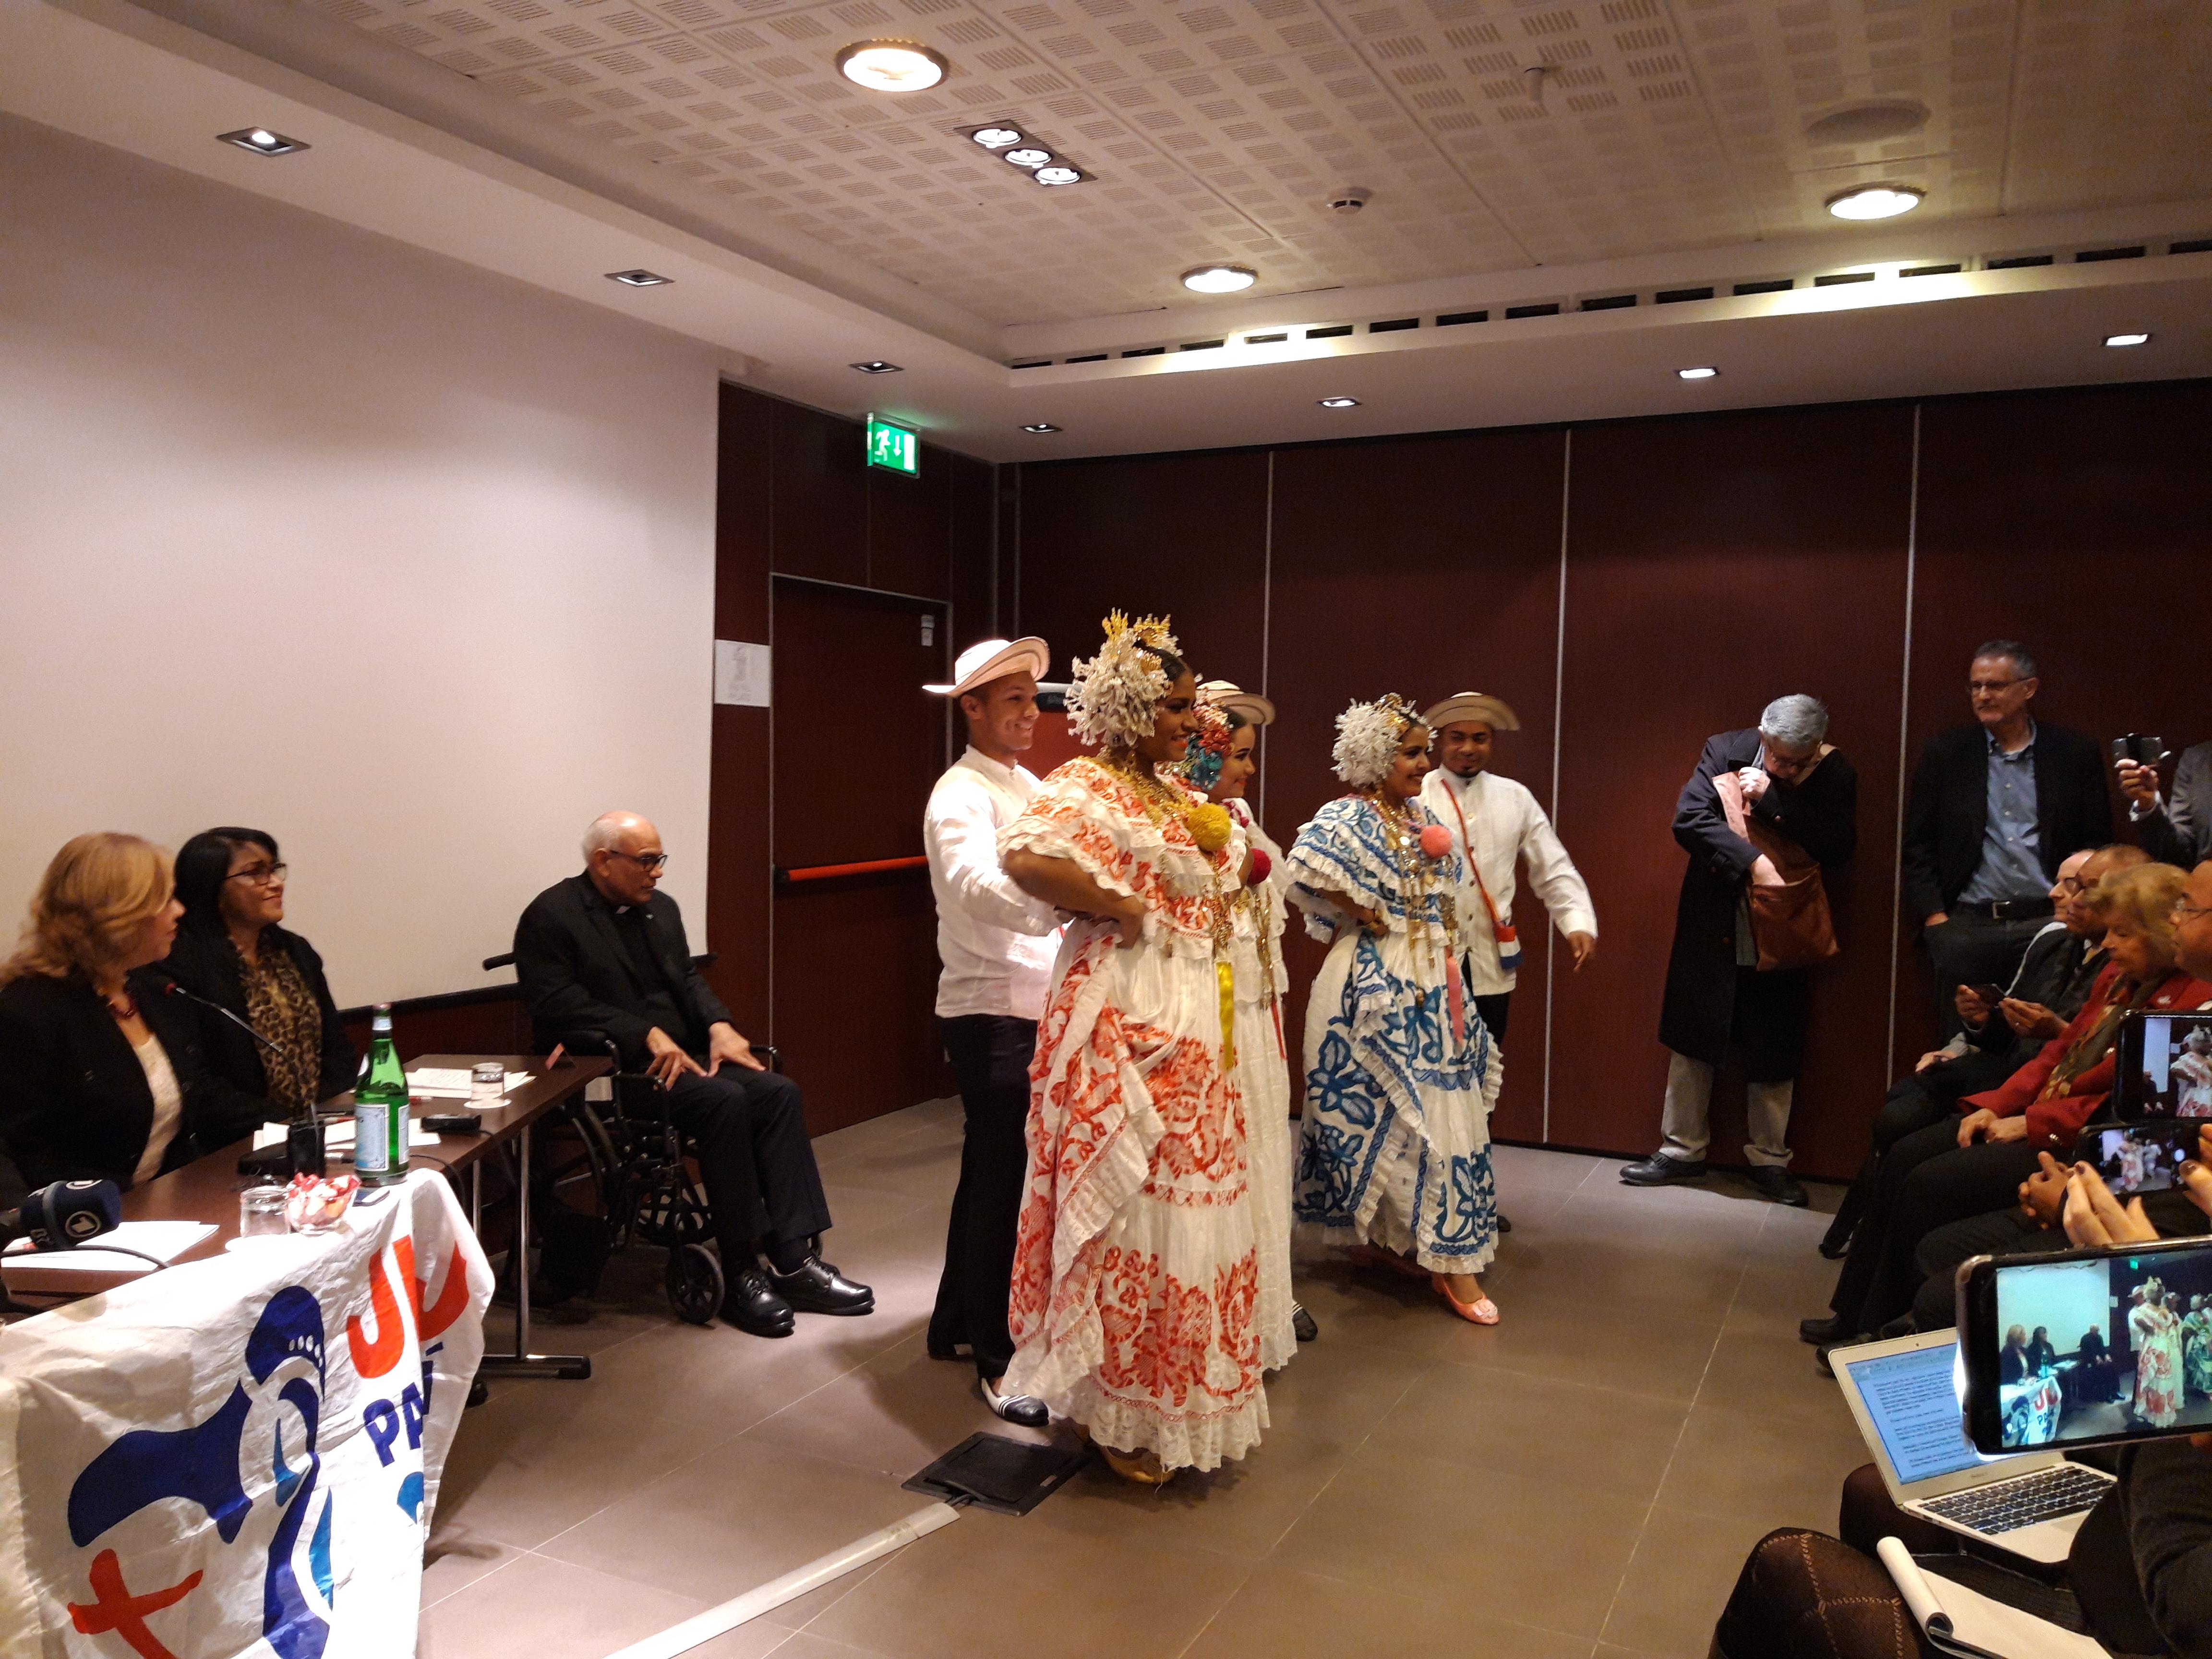 Baile tradicional de Panamá, en la presentación de la JMJ, 11 dic. 2018. Zenit